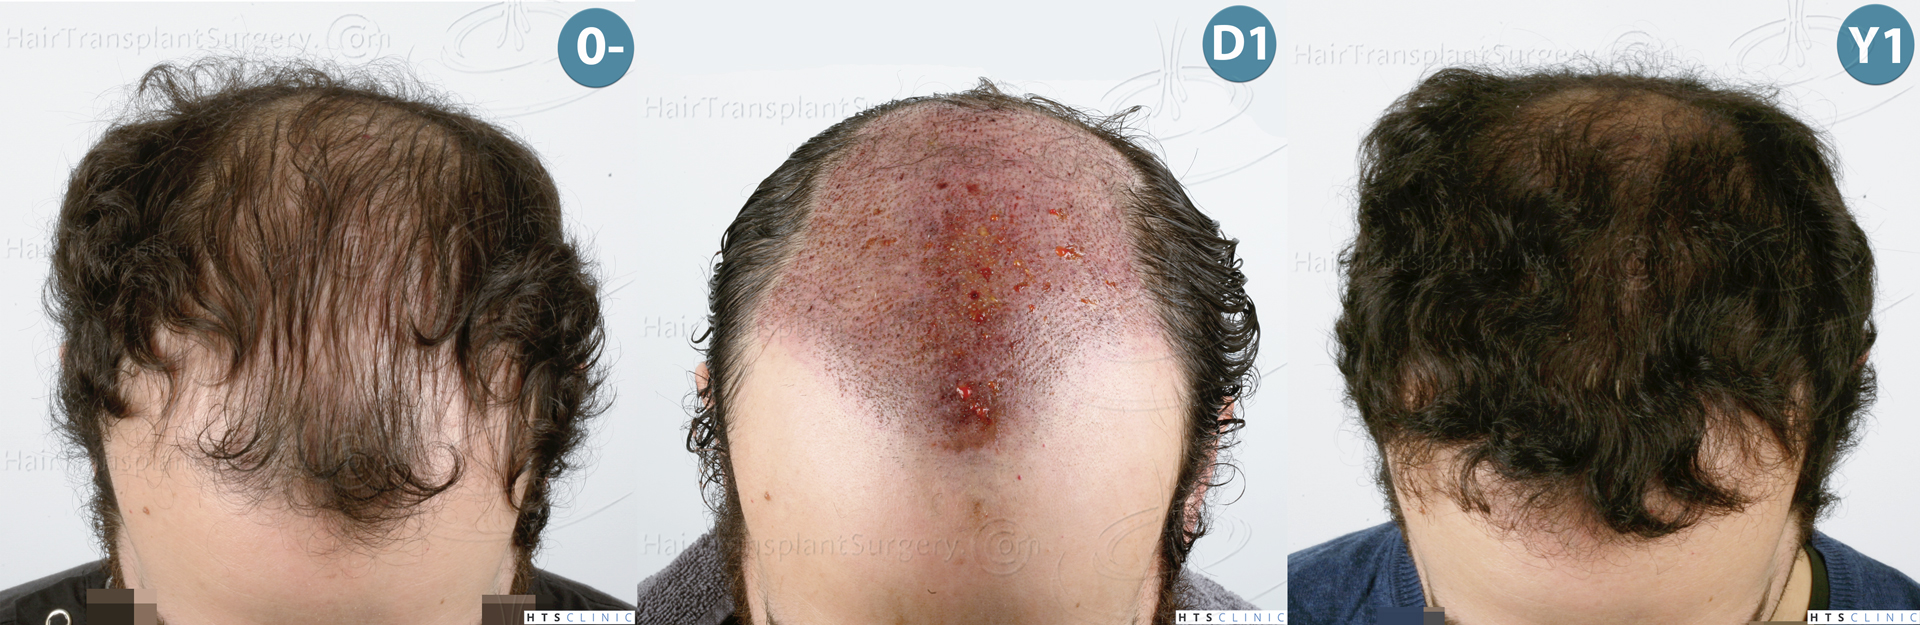 Dr.Devroye-HTS-Clinic-3920-FUT-Montage-3.jpg